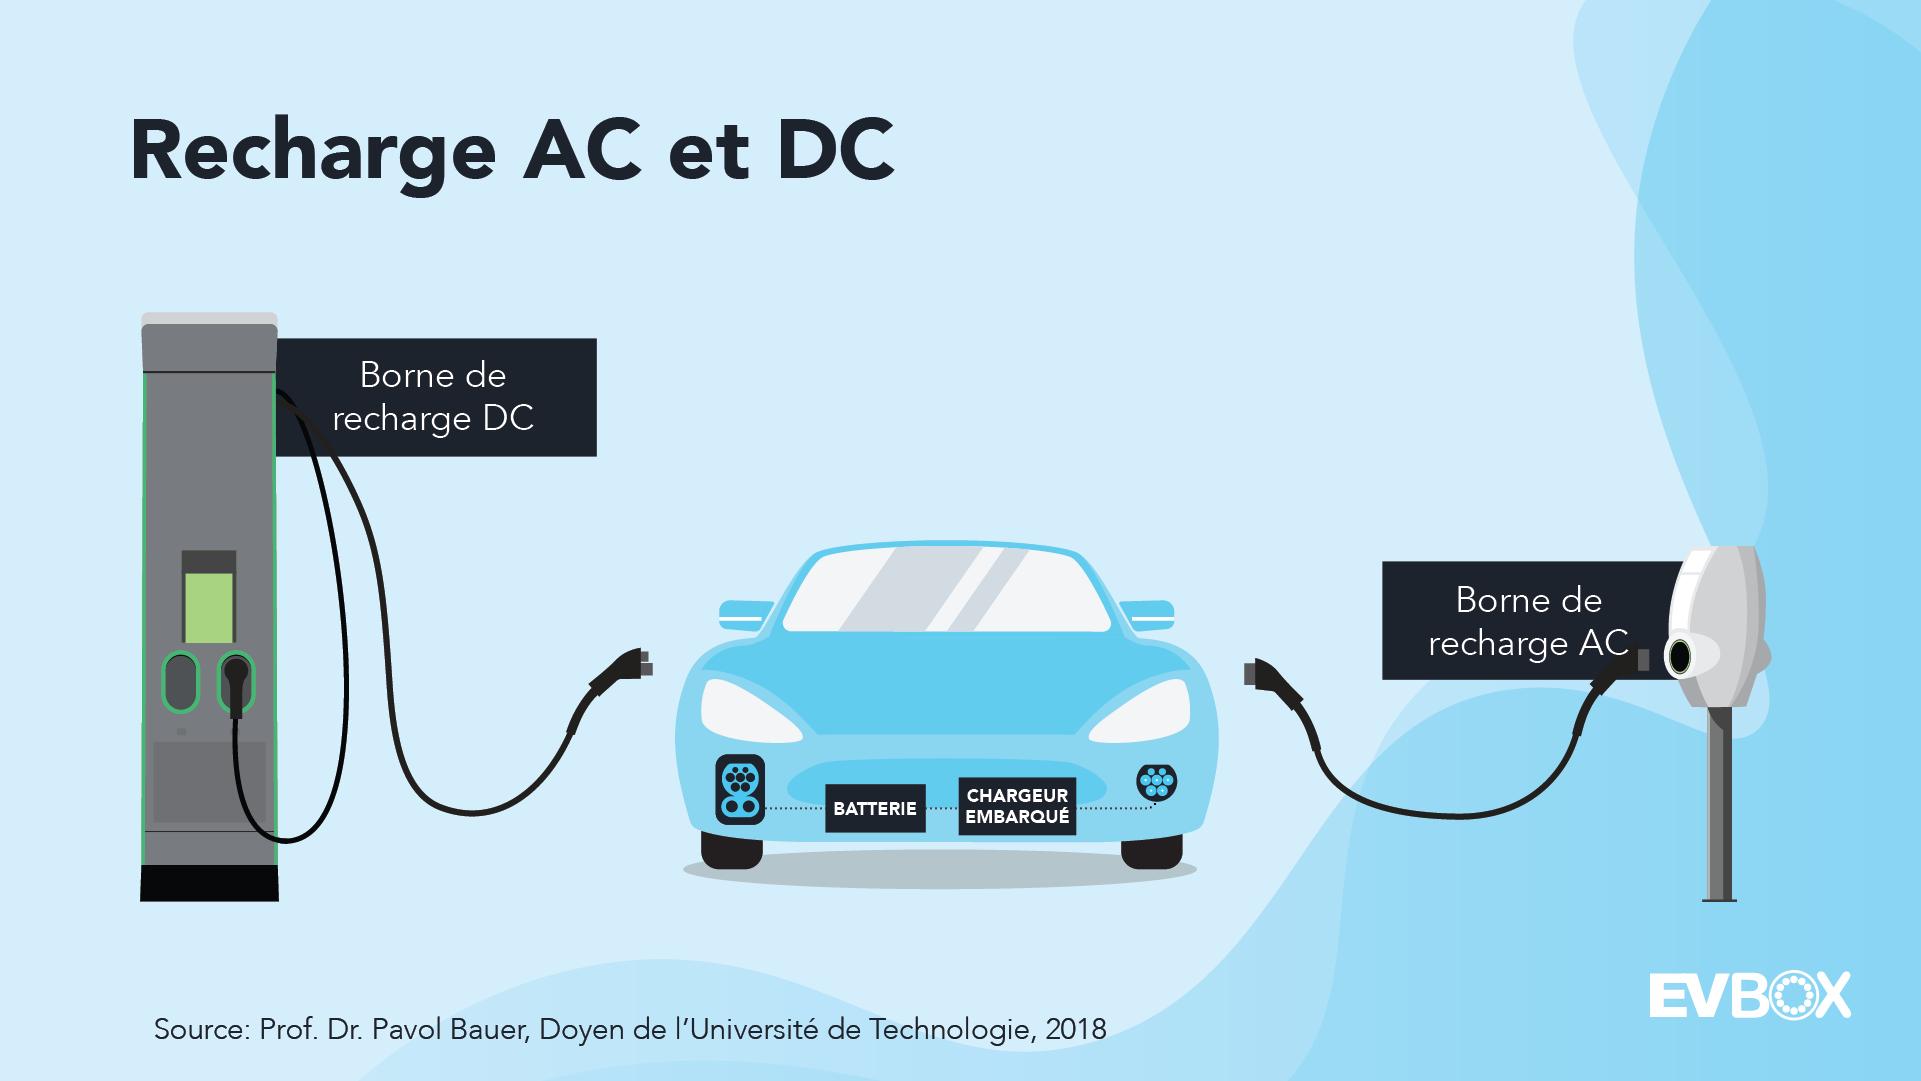 Recharge AC et DC